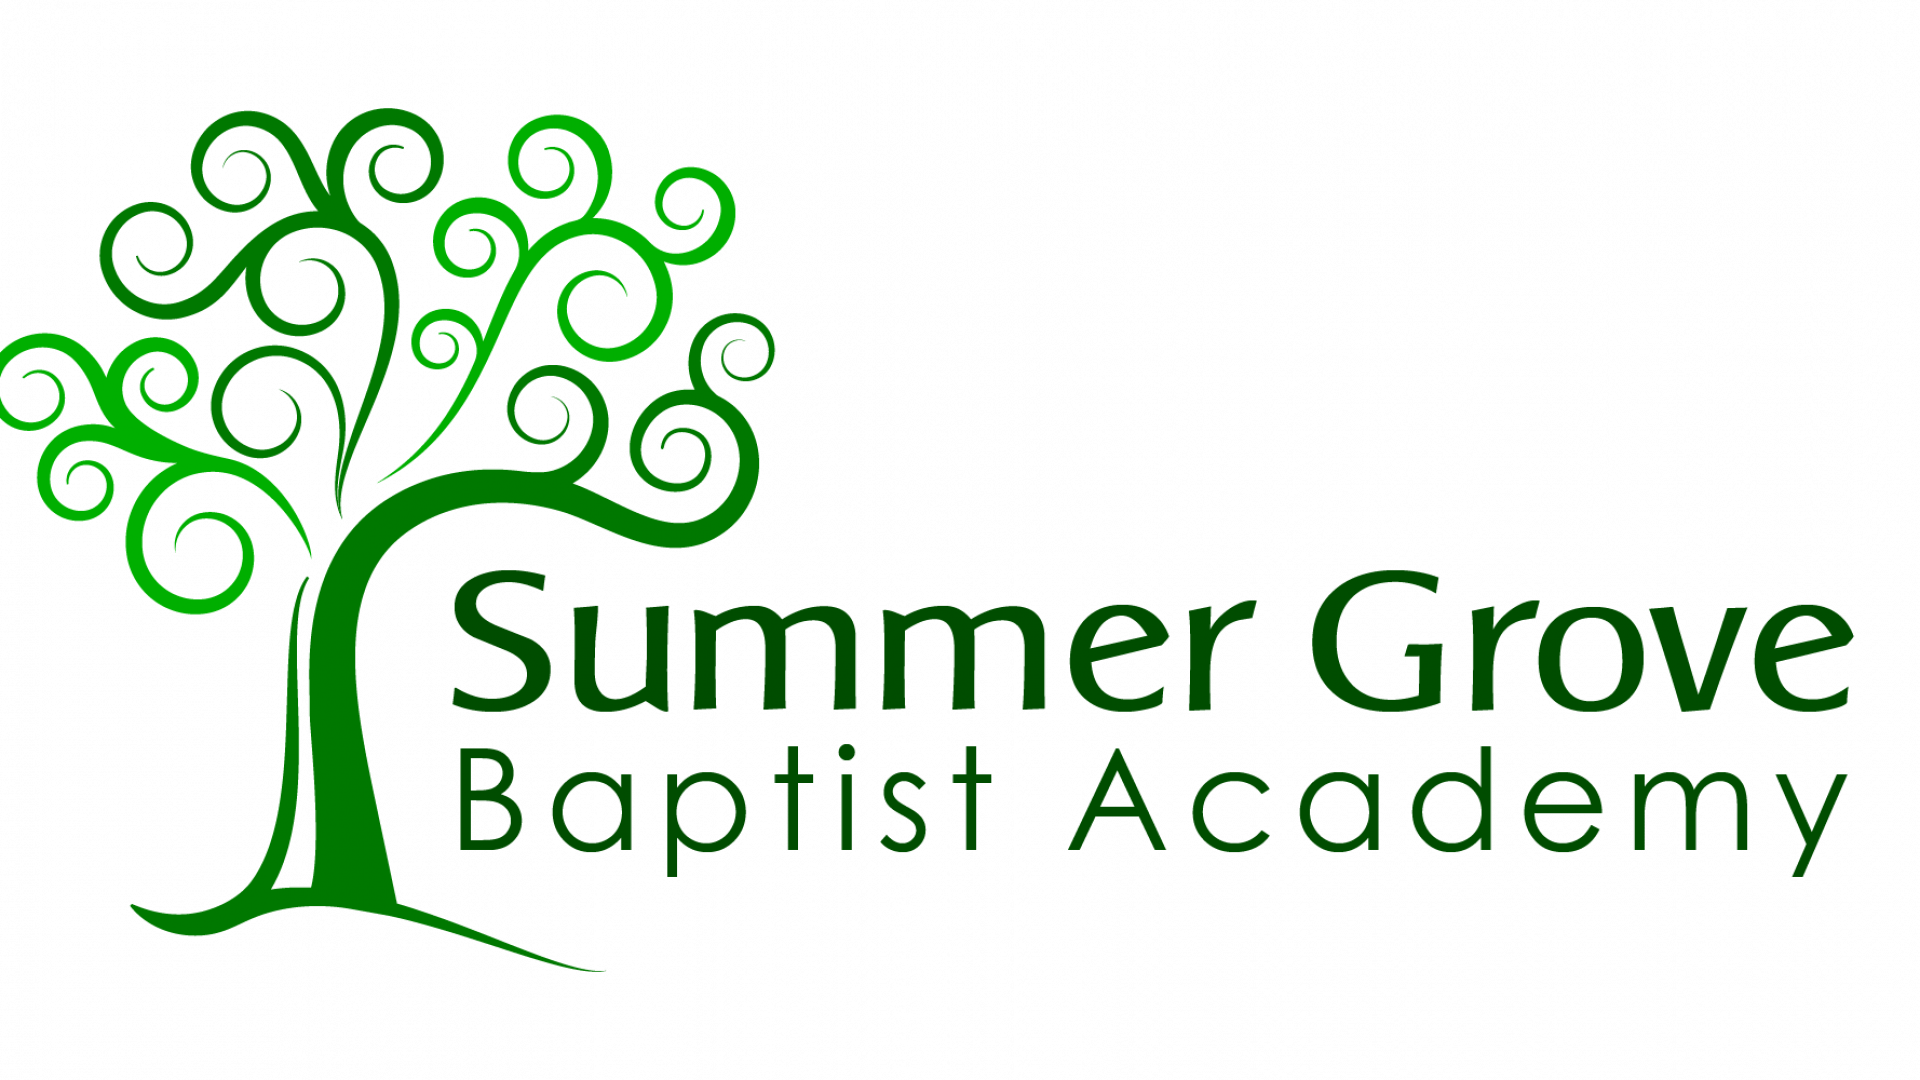 SG Baptist Academy